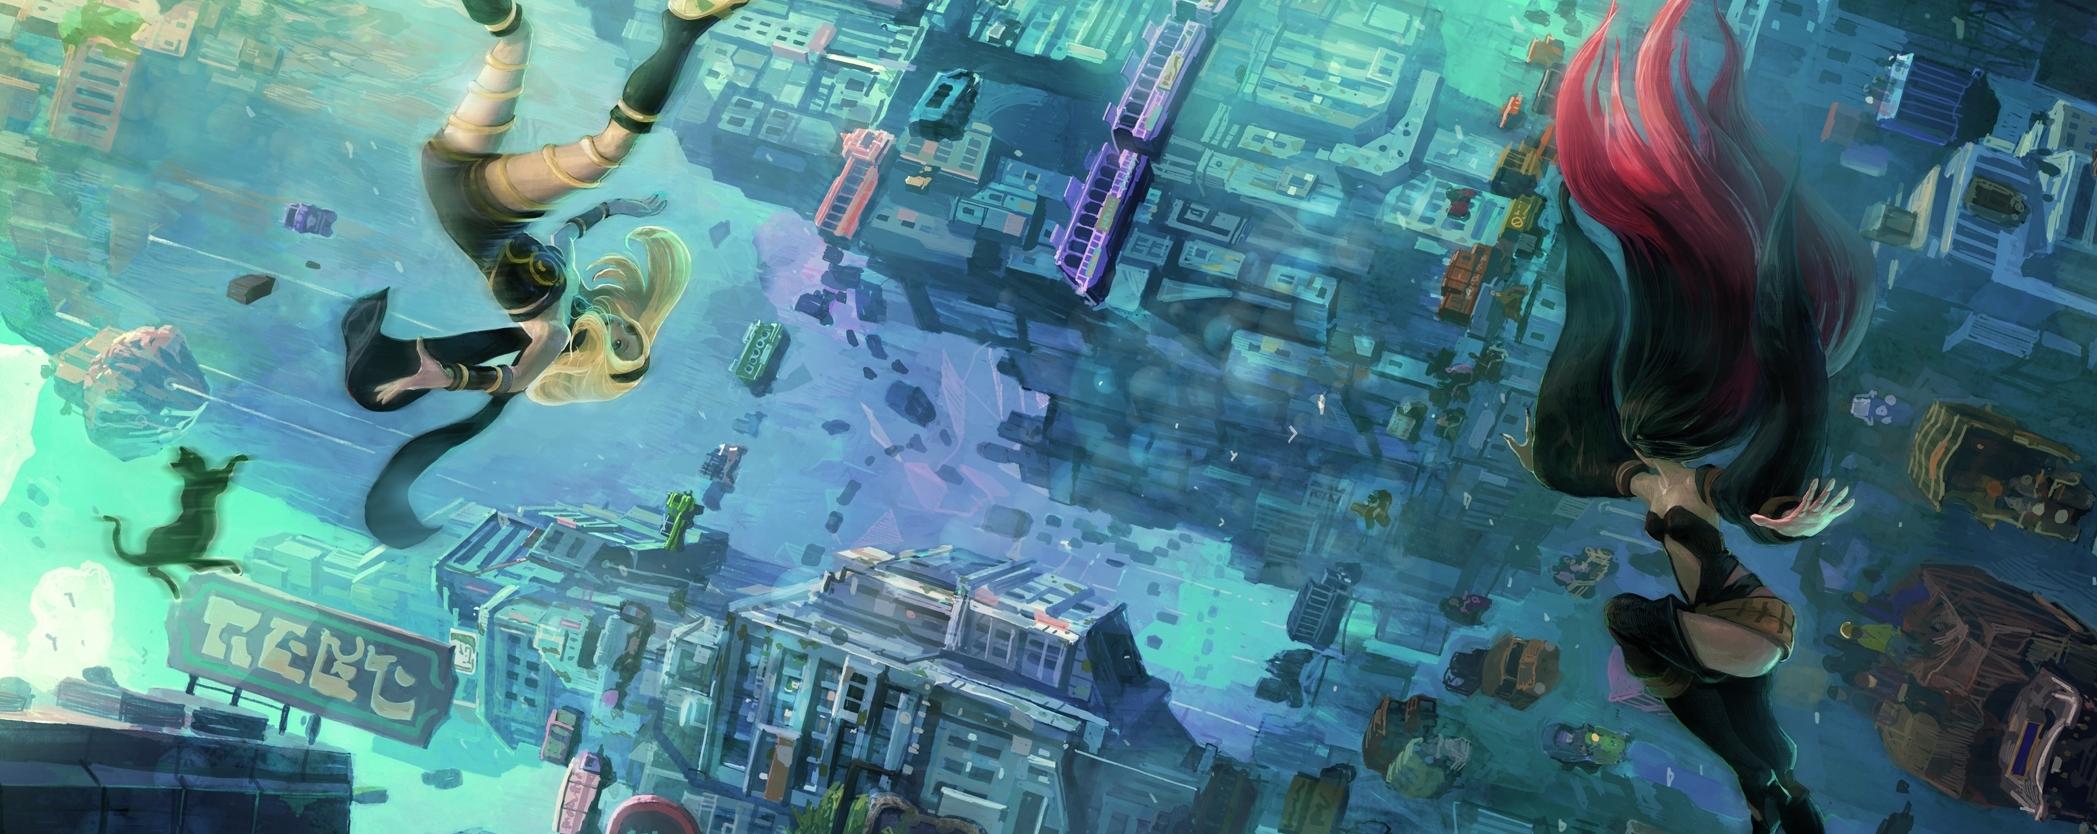 Gravity rush 2 release date in Australia